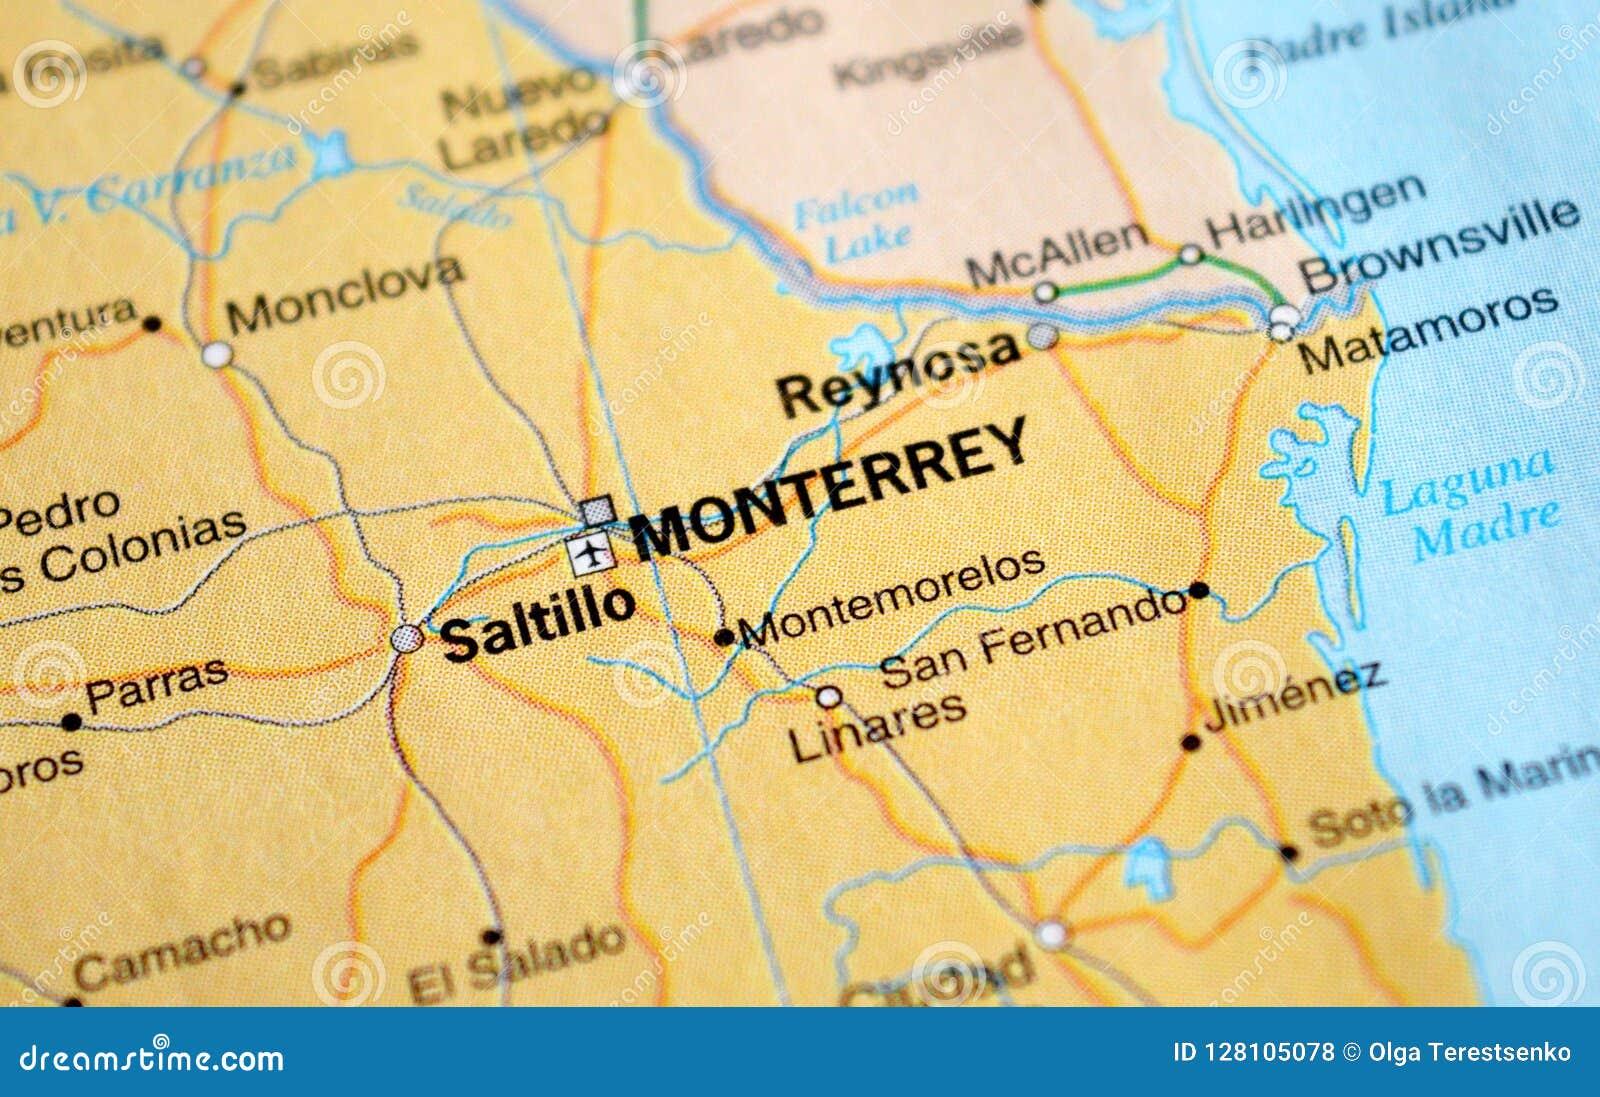 Ett foto av Monterrey på en översikt